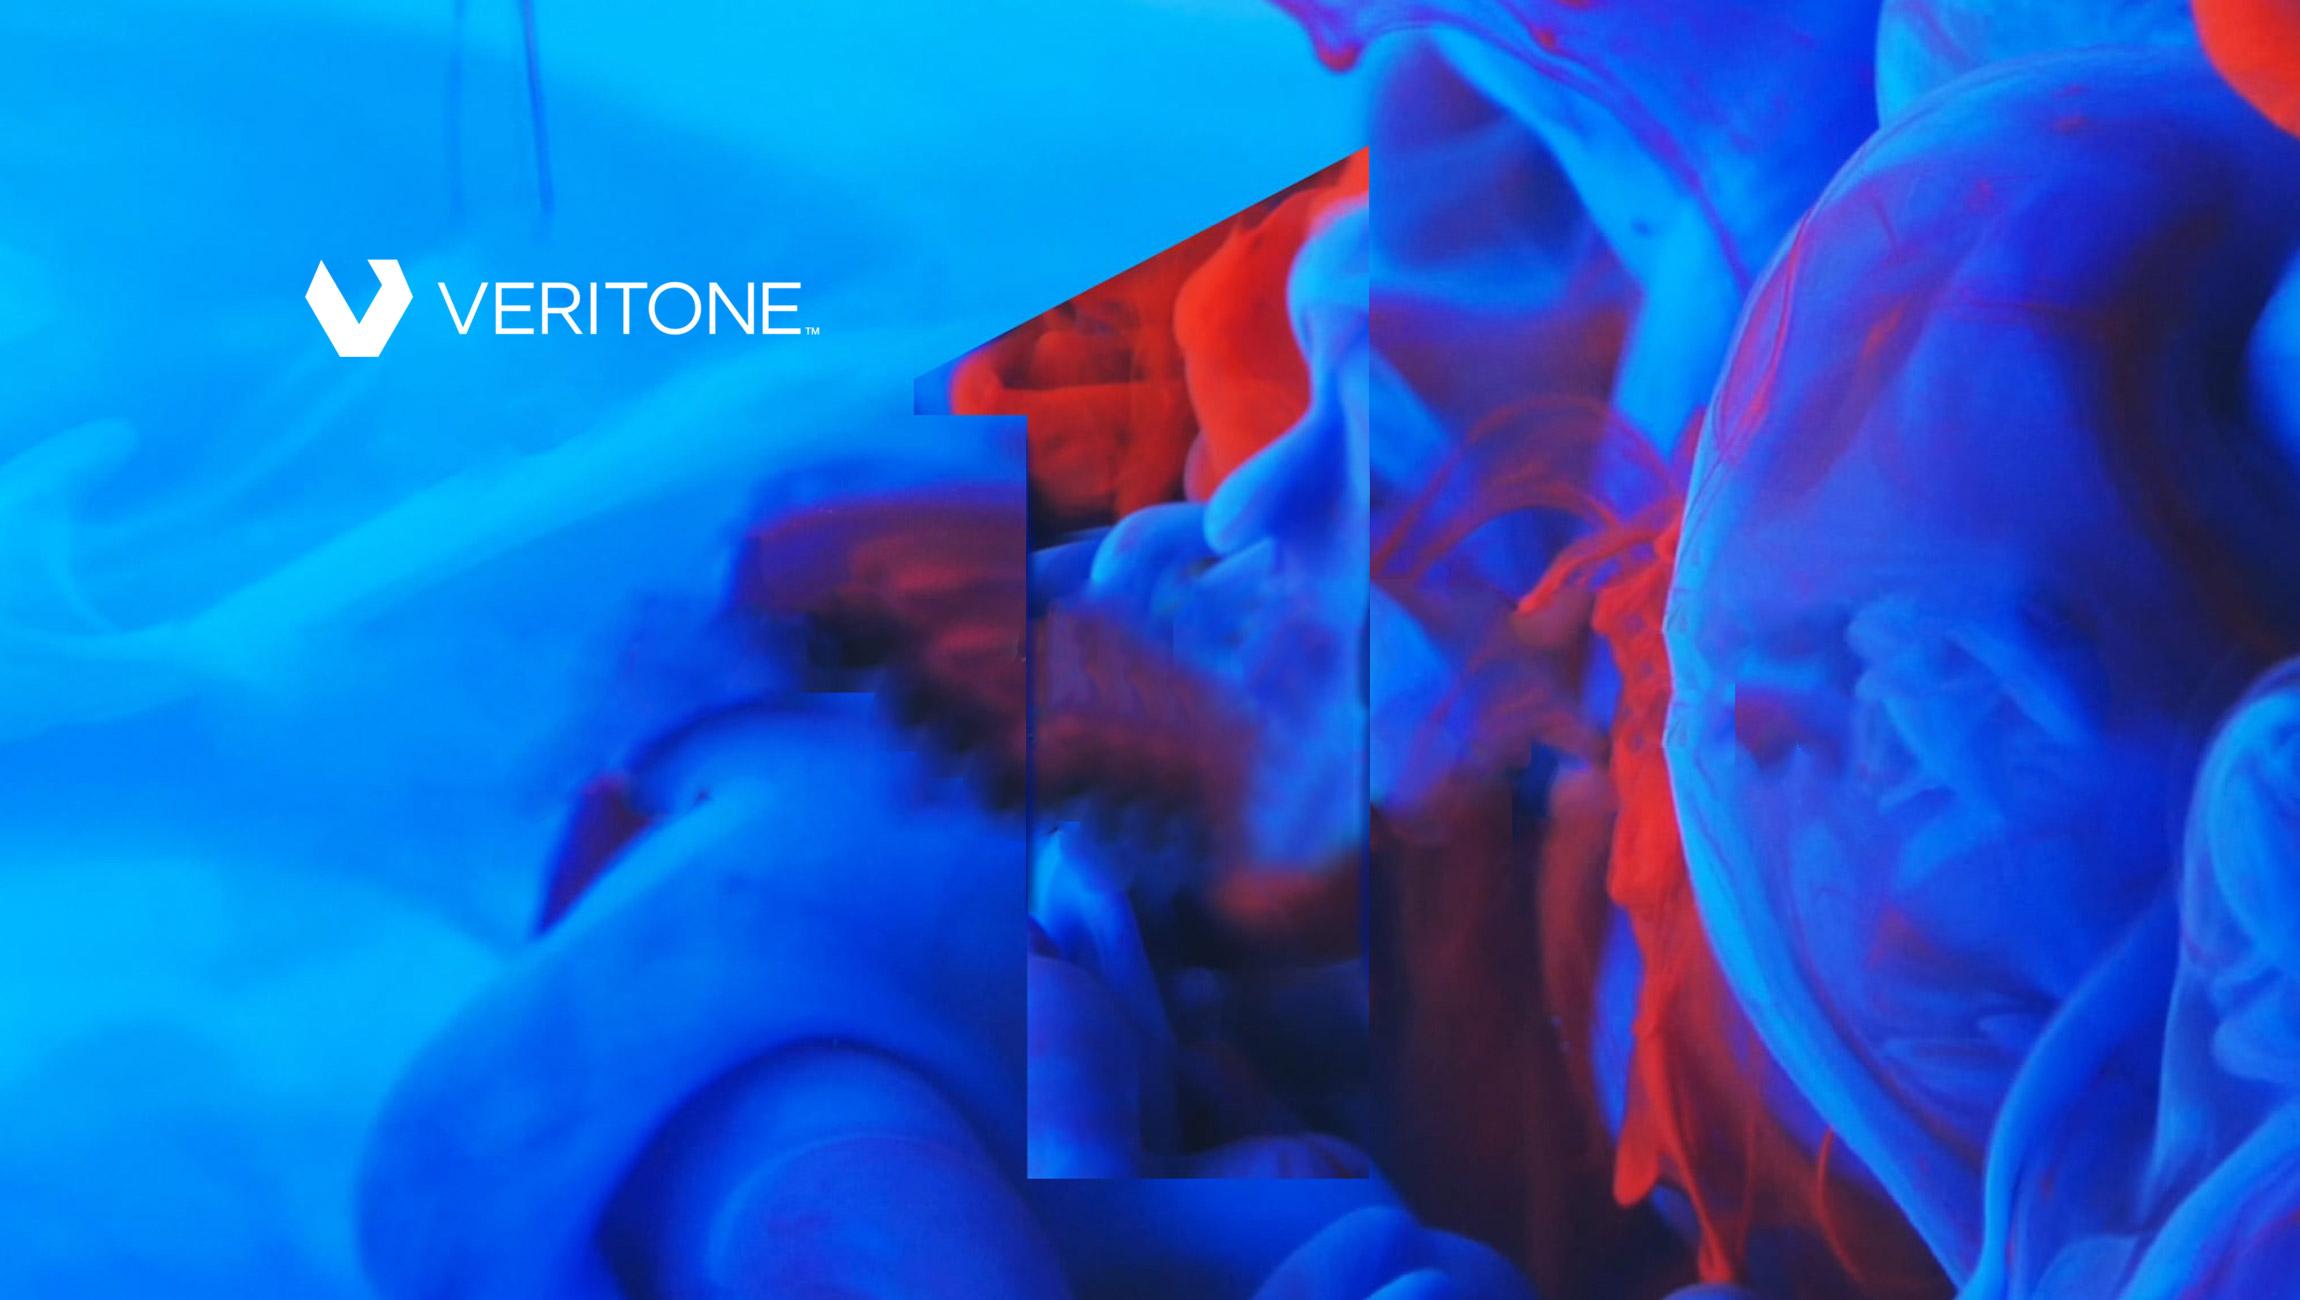 Veritone® One